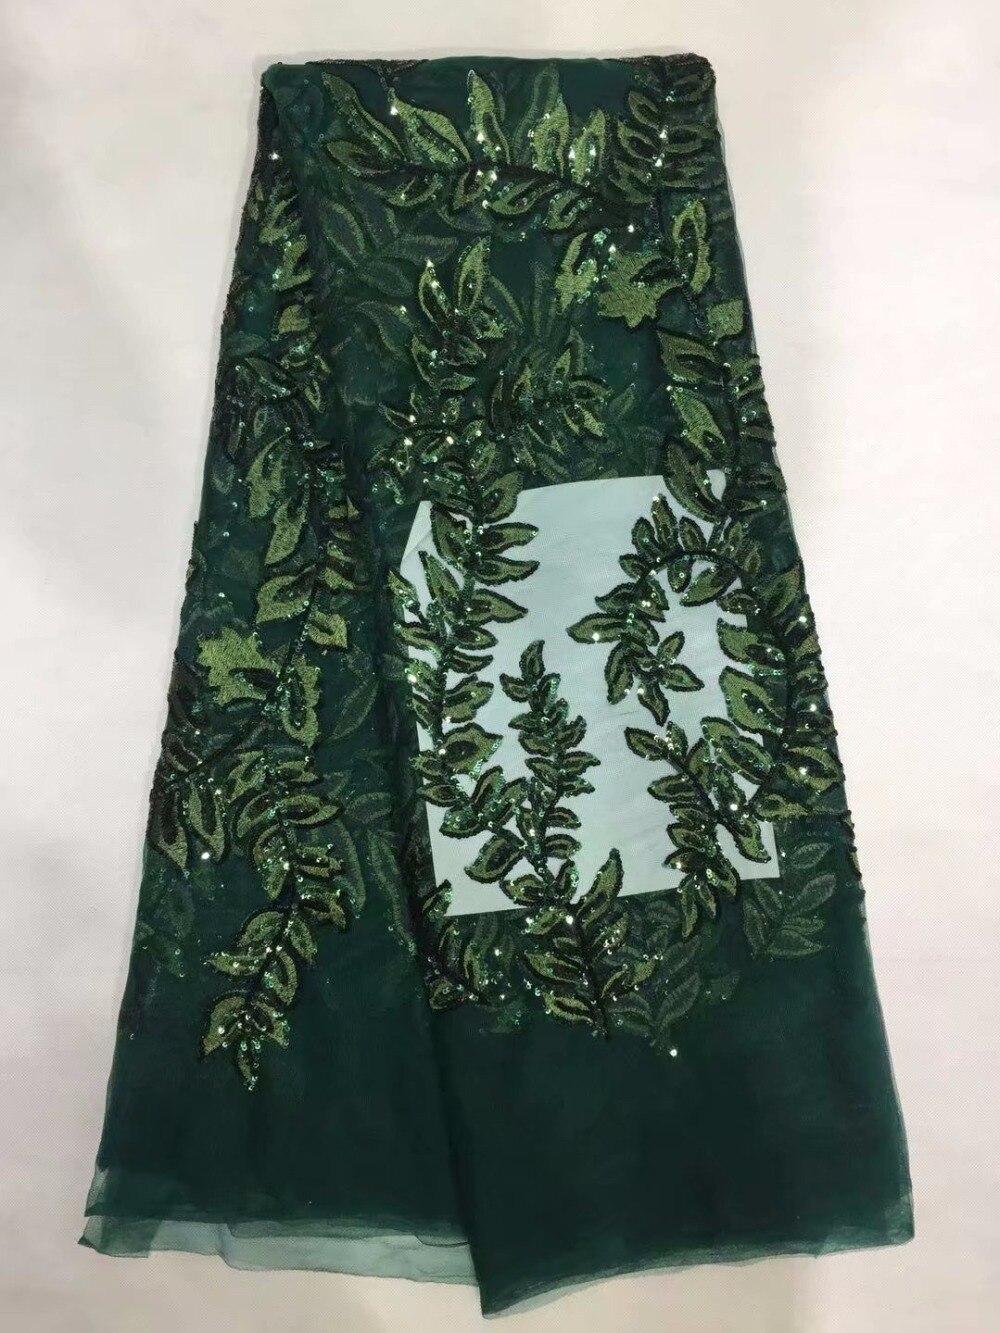 Diseño Especial tela de encaje de Red africana con lentejuelas 2018 nuevo nigeriano bordado lentejuelas mujeres Noble vestidos de boda cordones de red-in encaje from Hogar y Mascotas    1